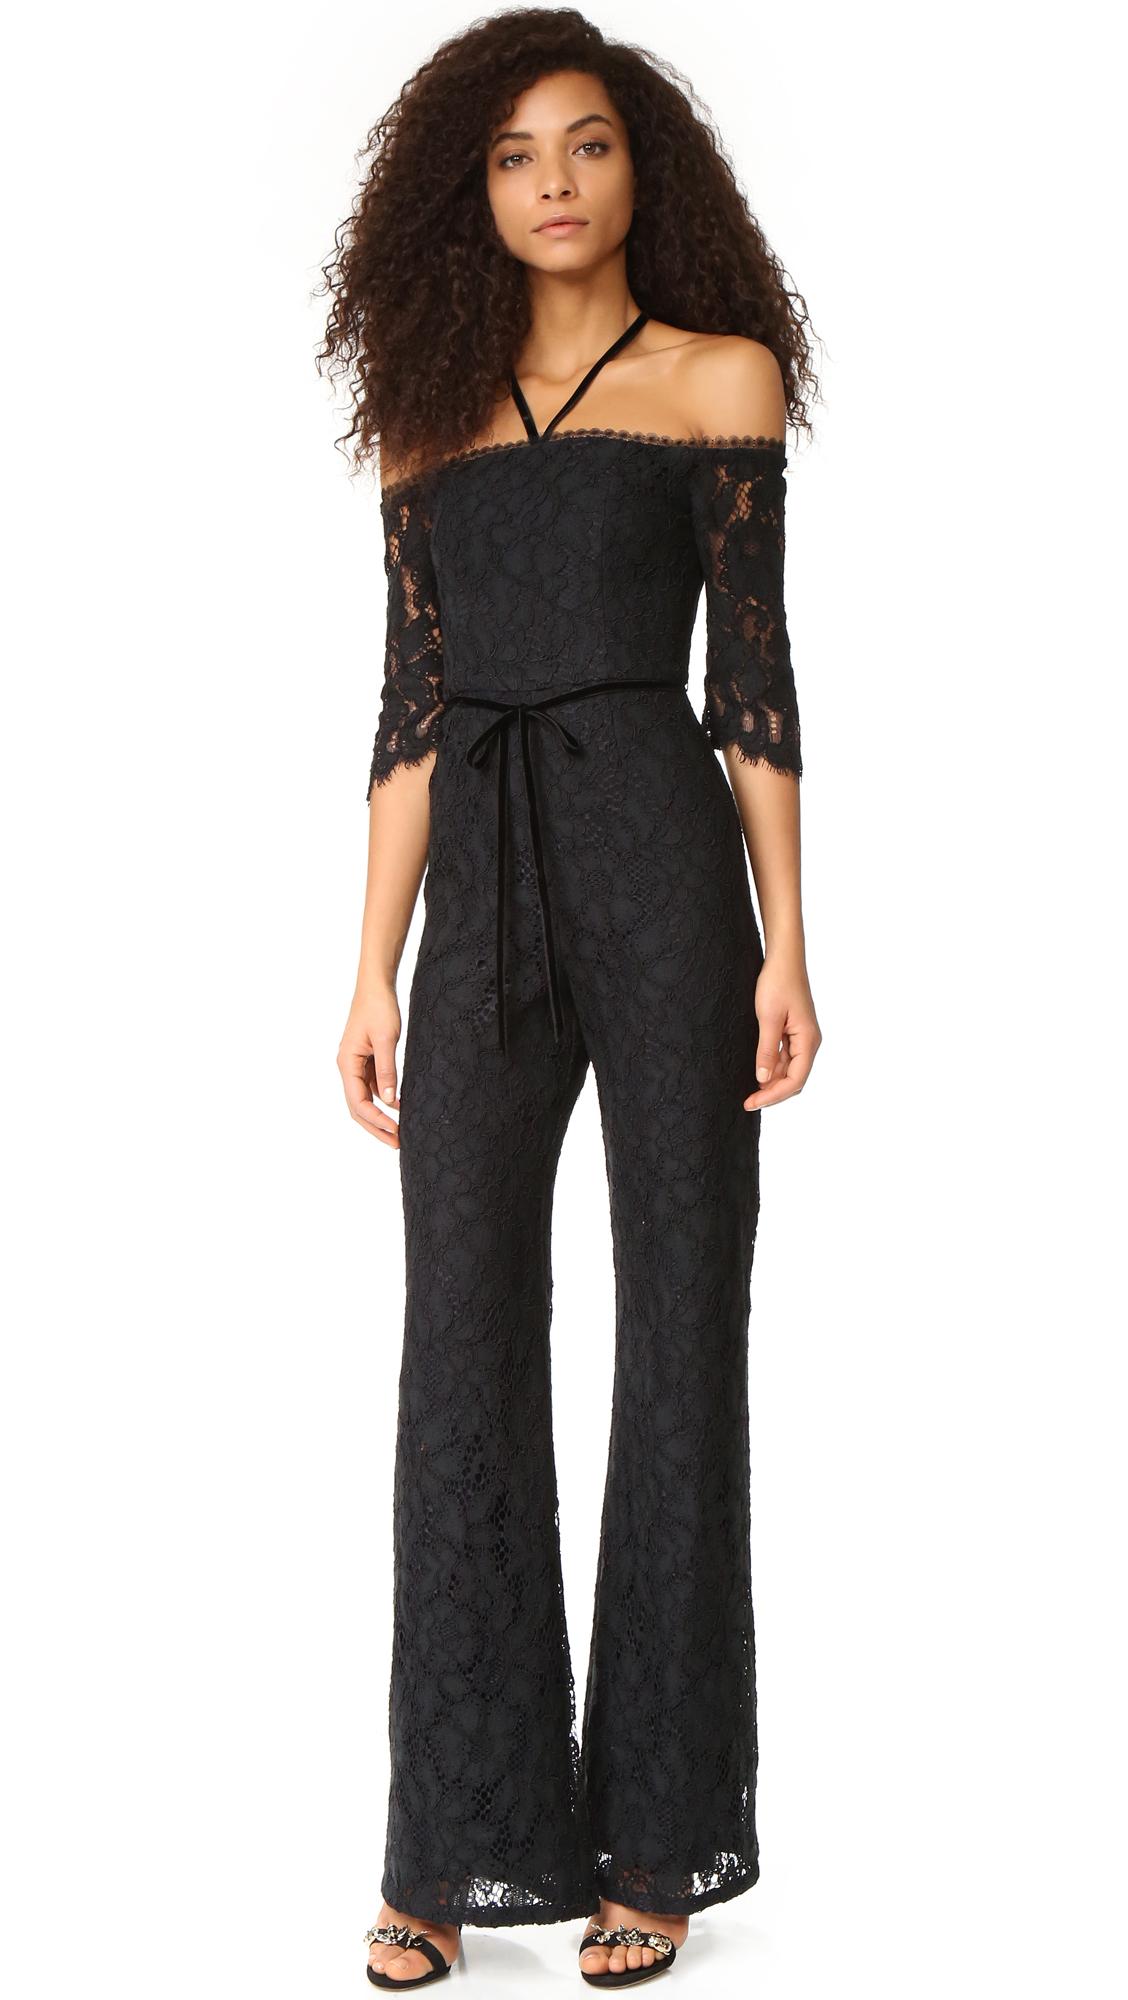 Alexis Joaquin Jumpsuit - Black Lace at Shopbop